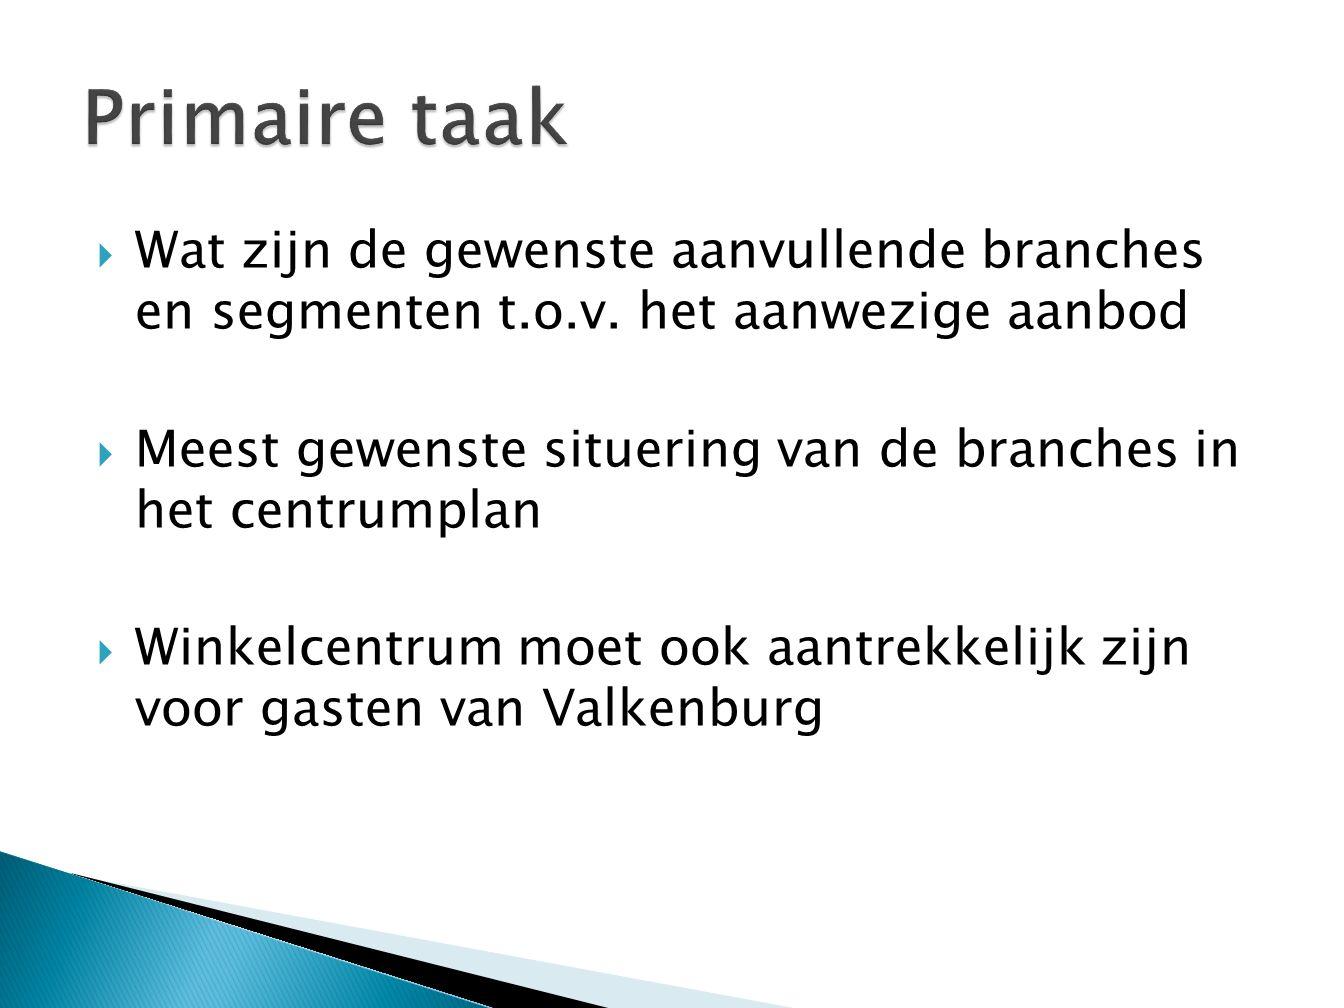  Wat zijn de gewenste aanvullende branches en segmenten t.o.v.